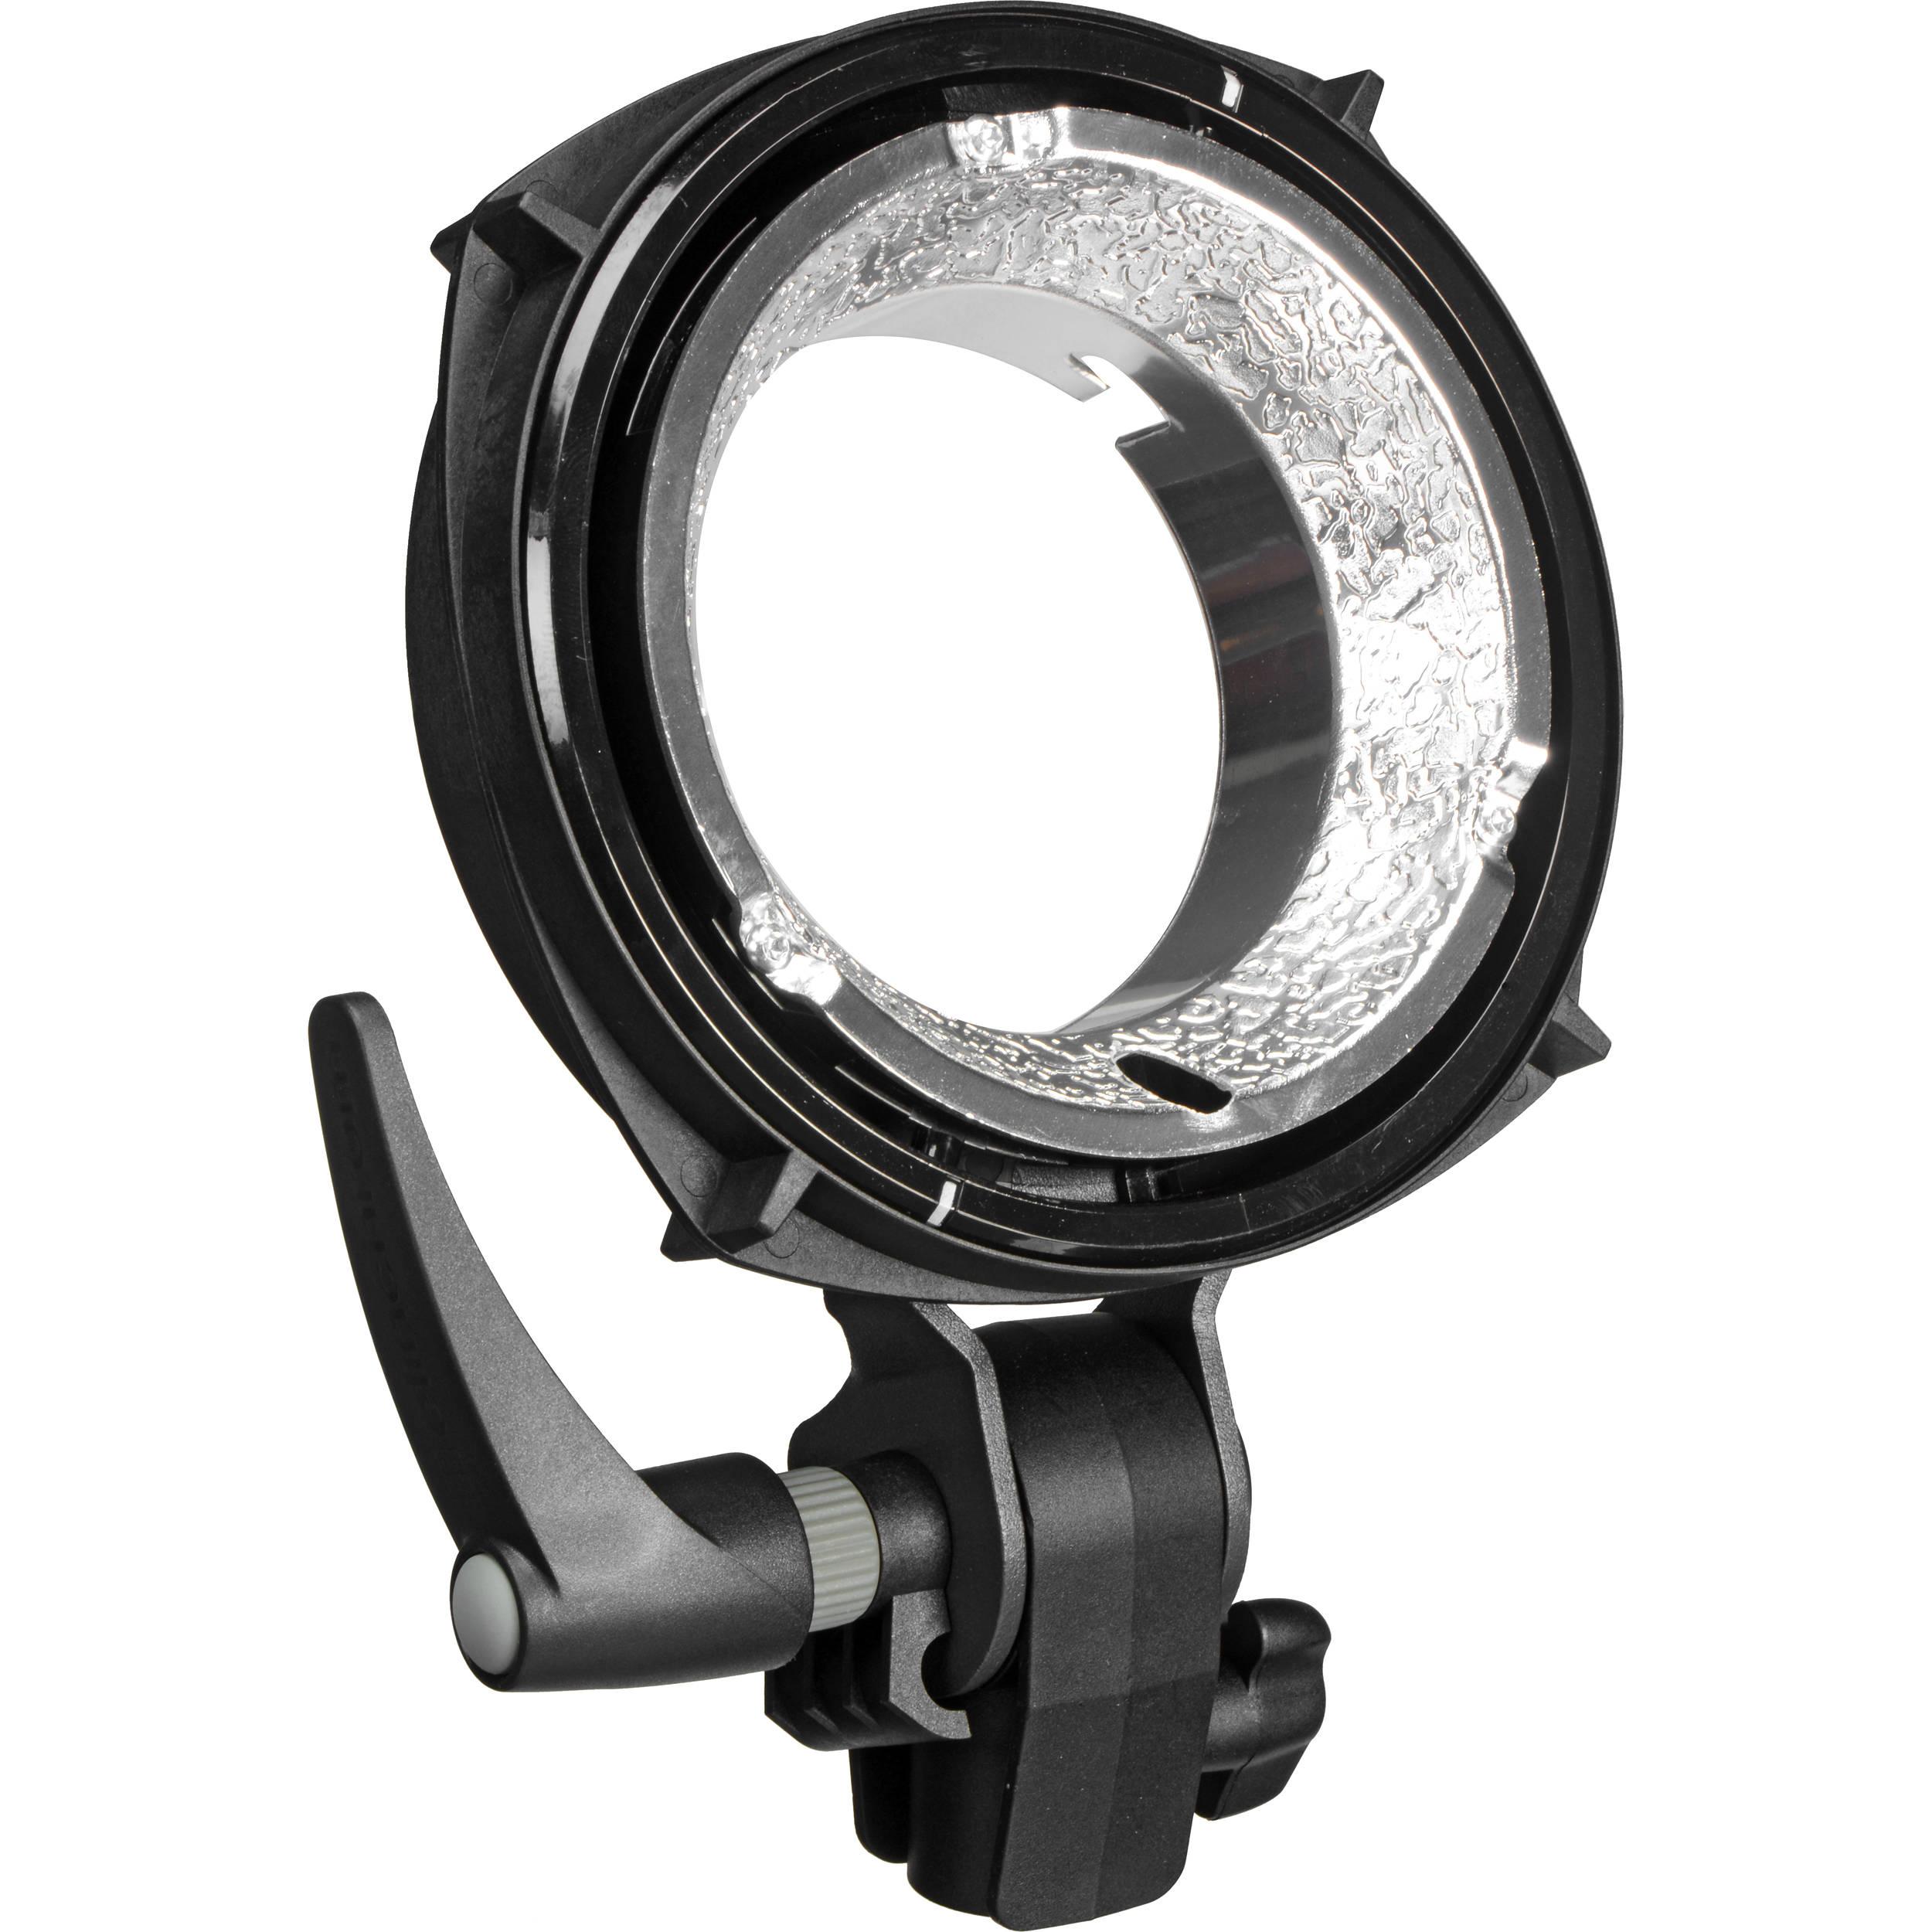 reflector инструкция ios